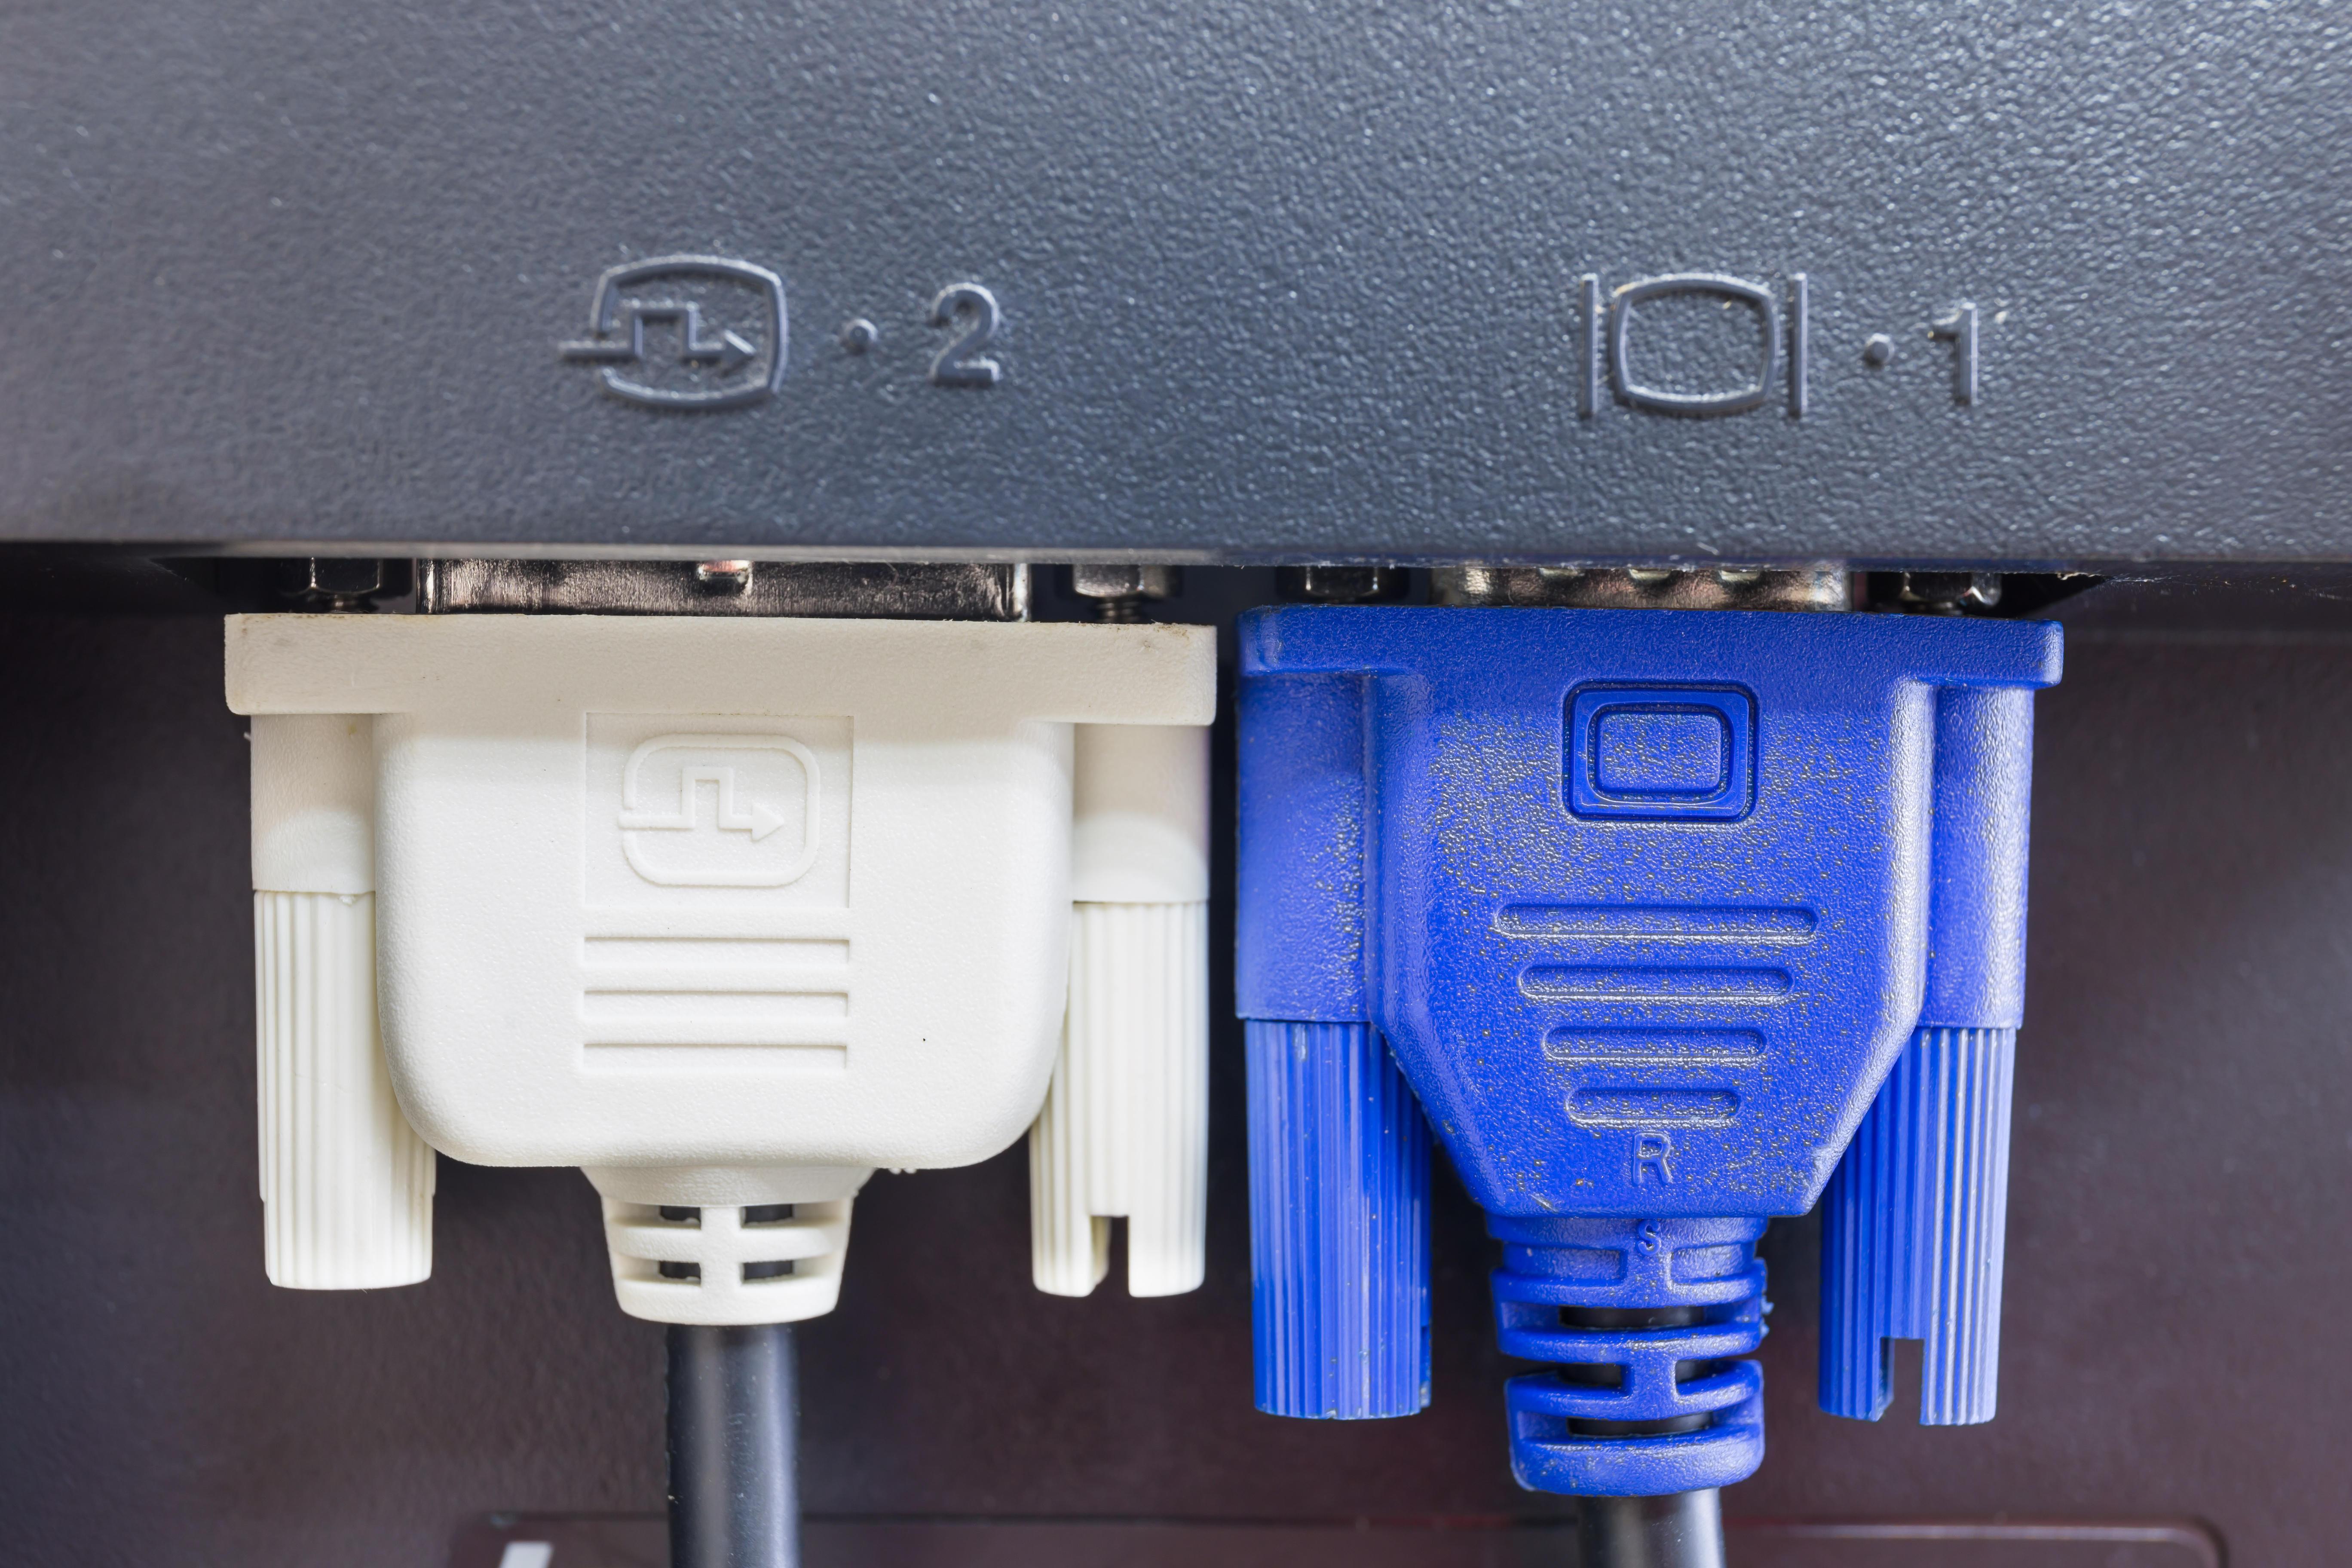 瑞可达:连接器市场发展向好,加速通信新能源双渠道发展